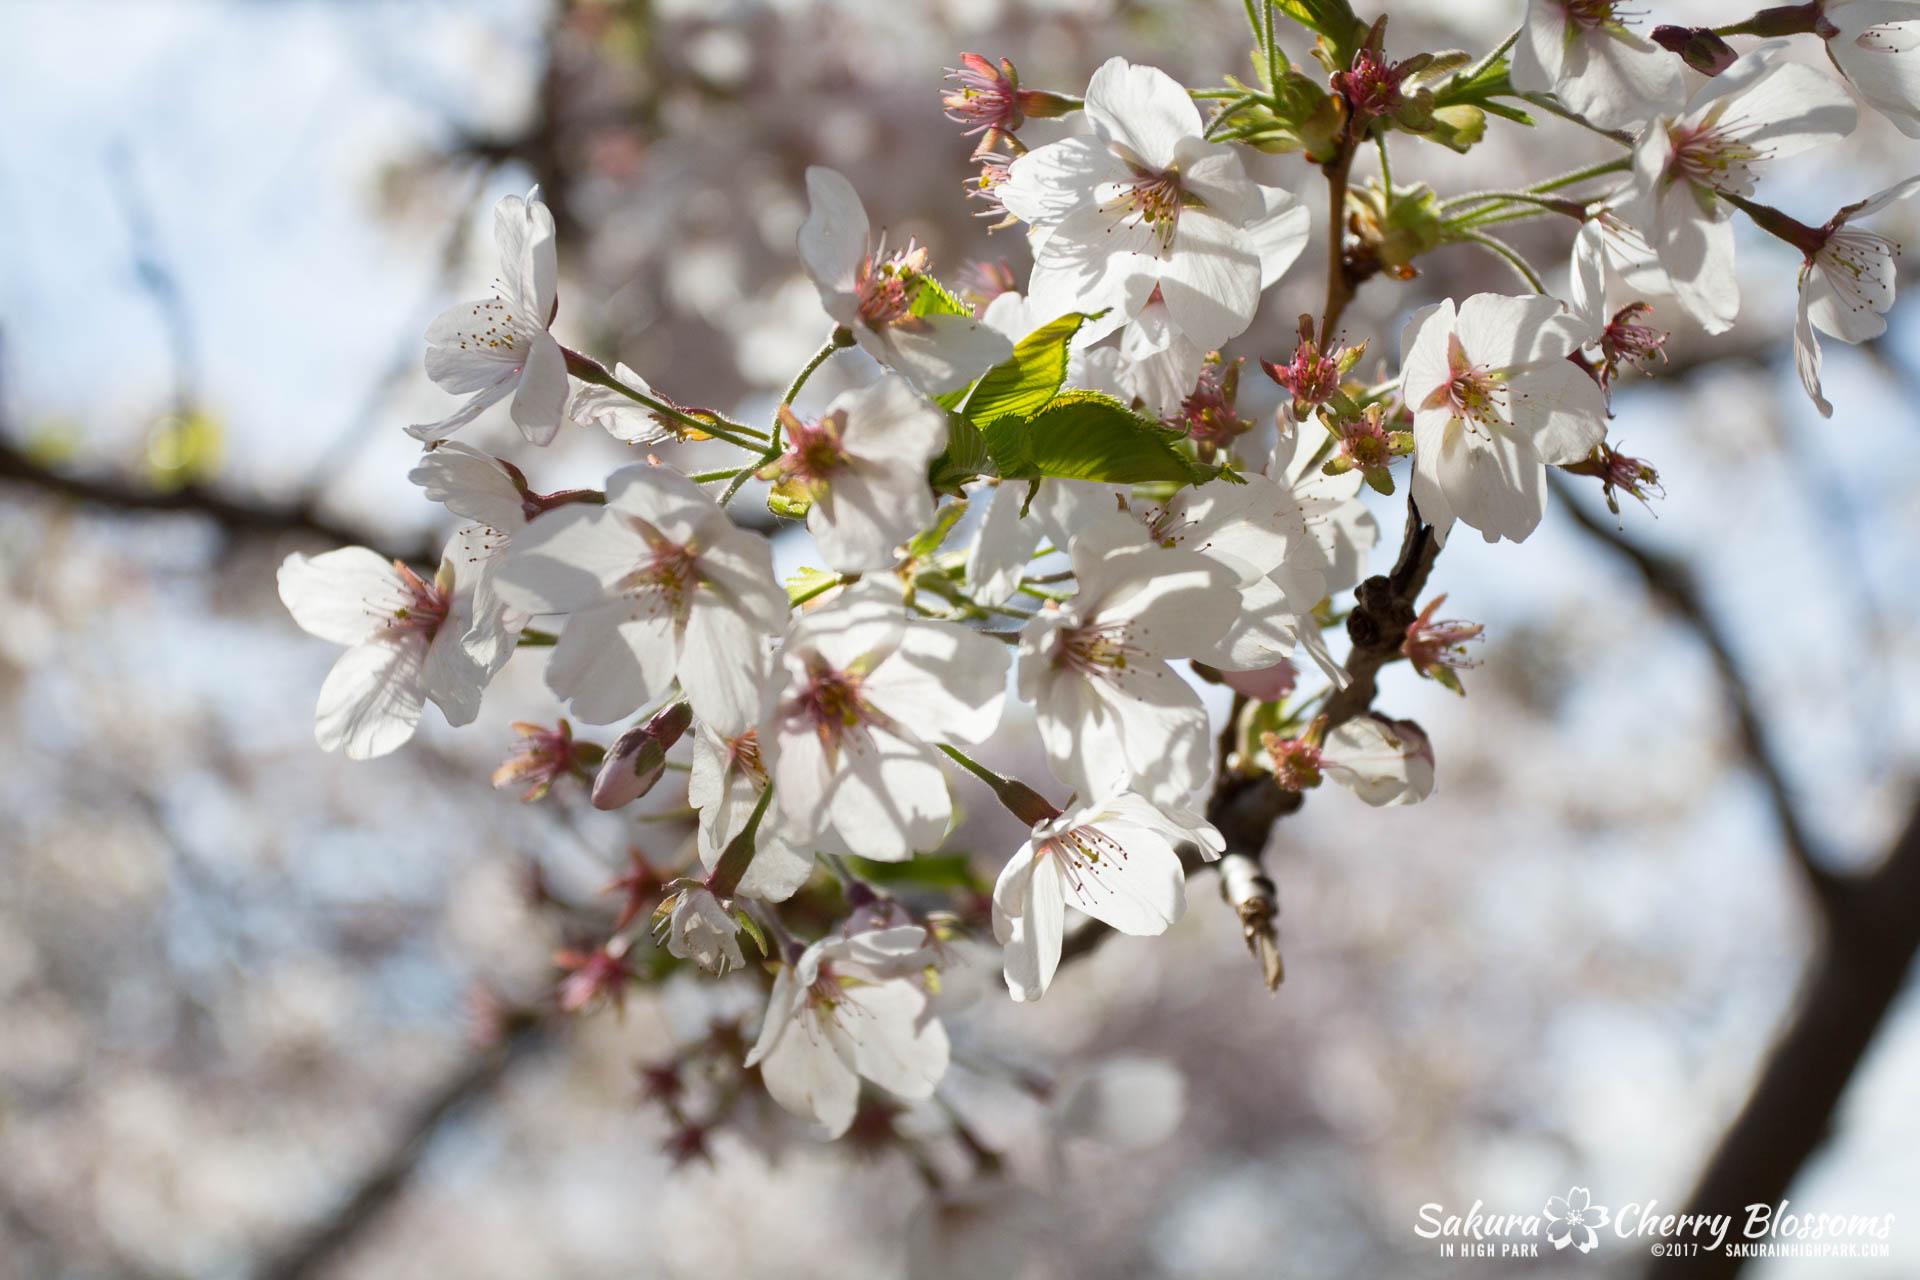 Sakura-Watch-April-28-2017-full-bloom-throughout-High-Park-5686.jpg